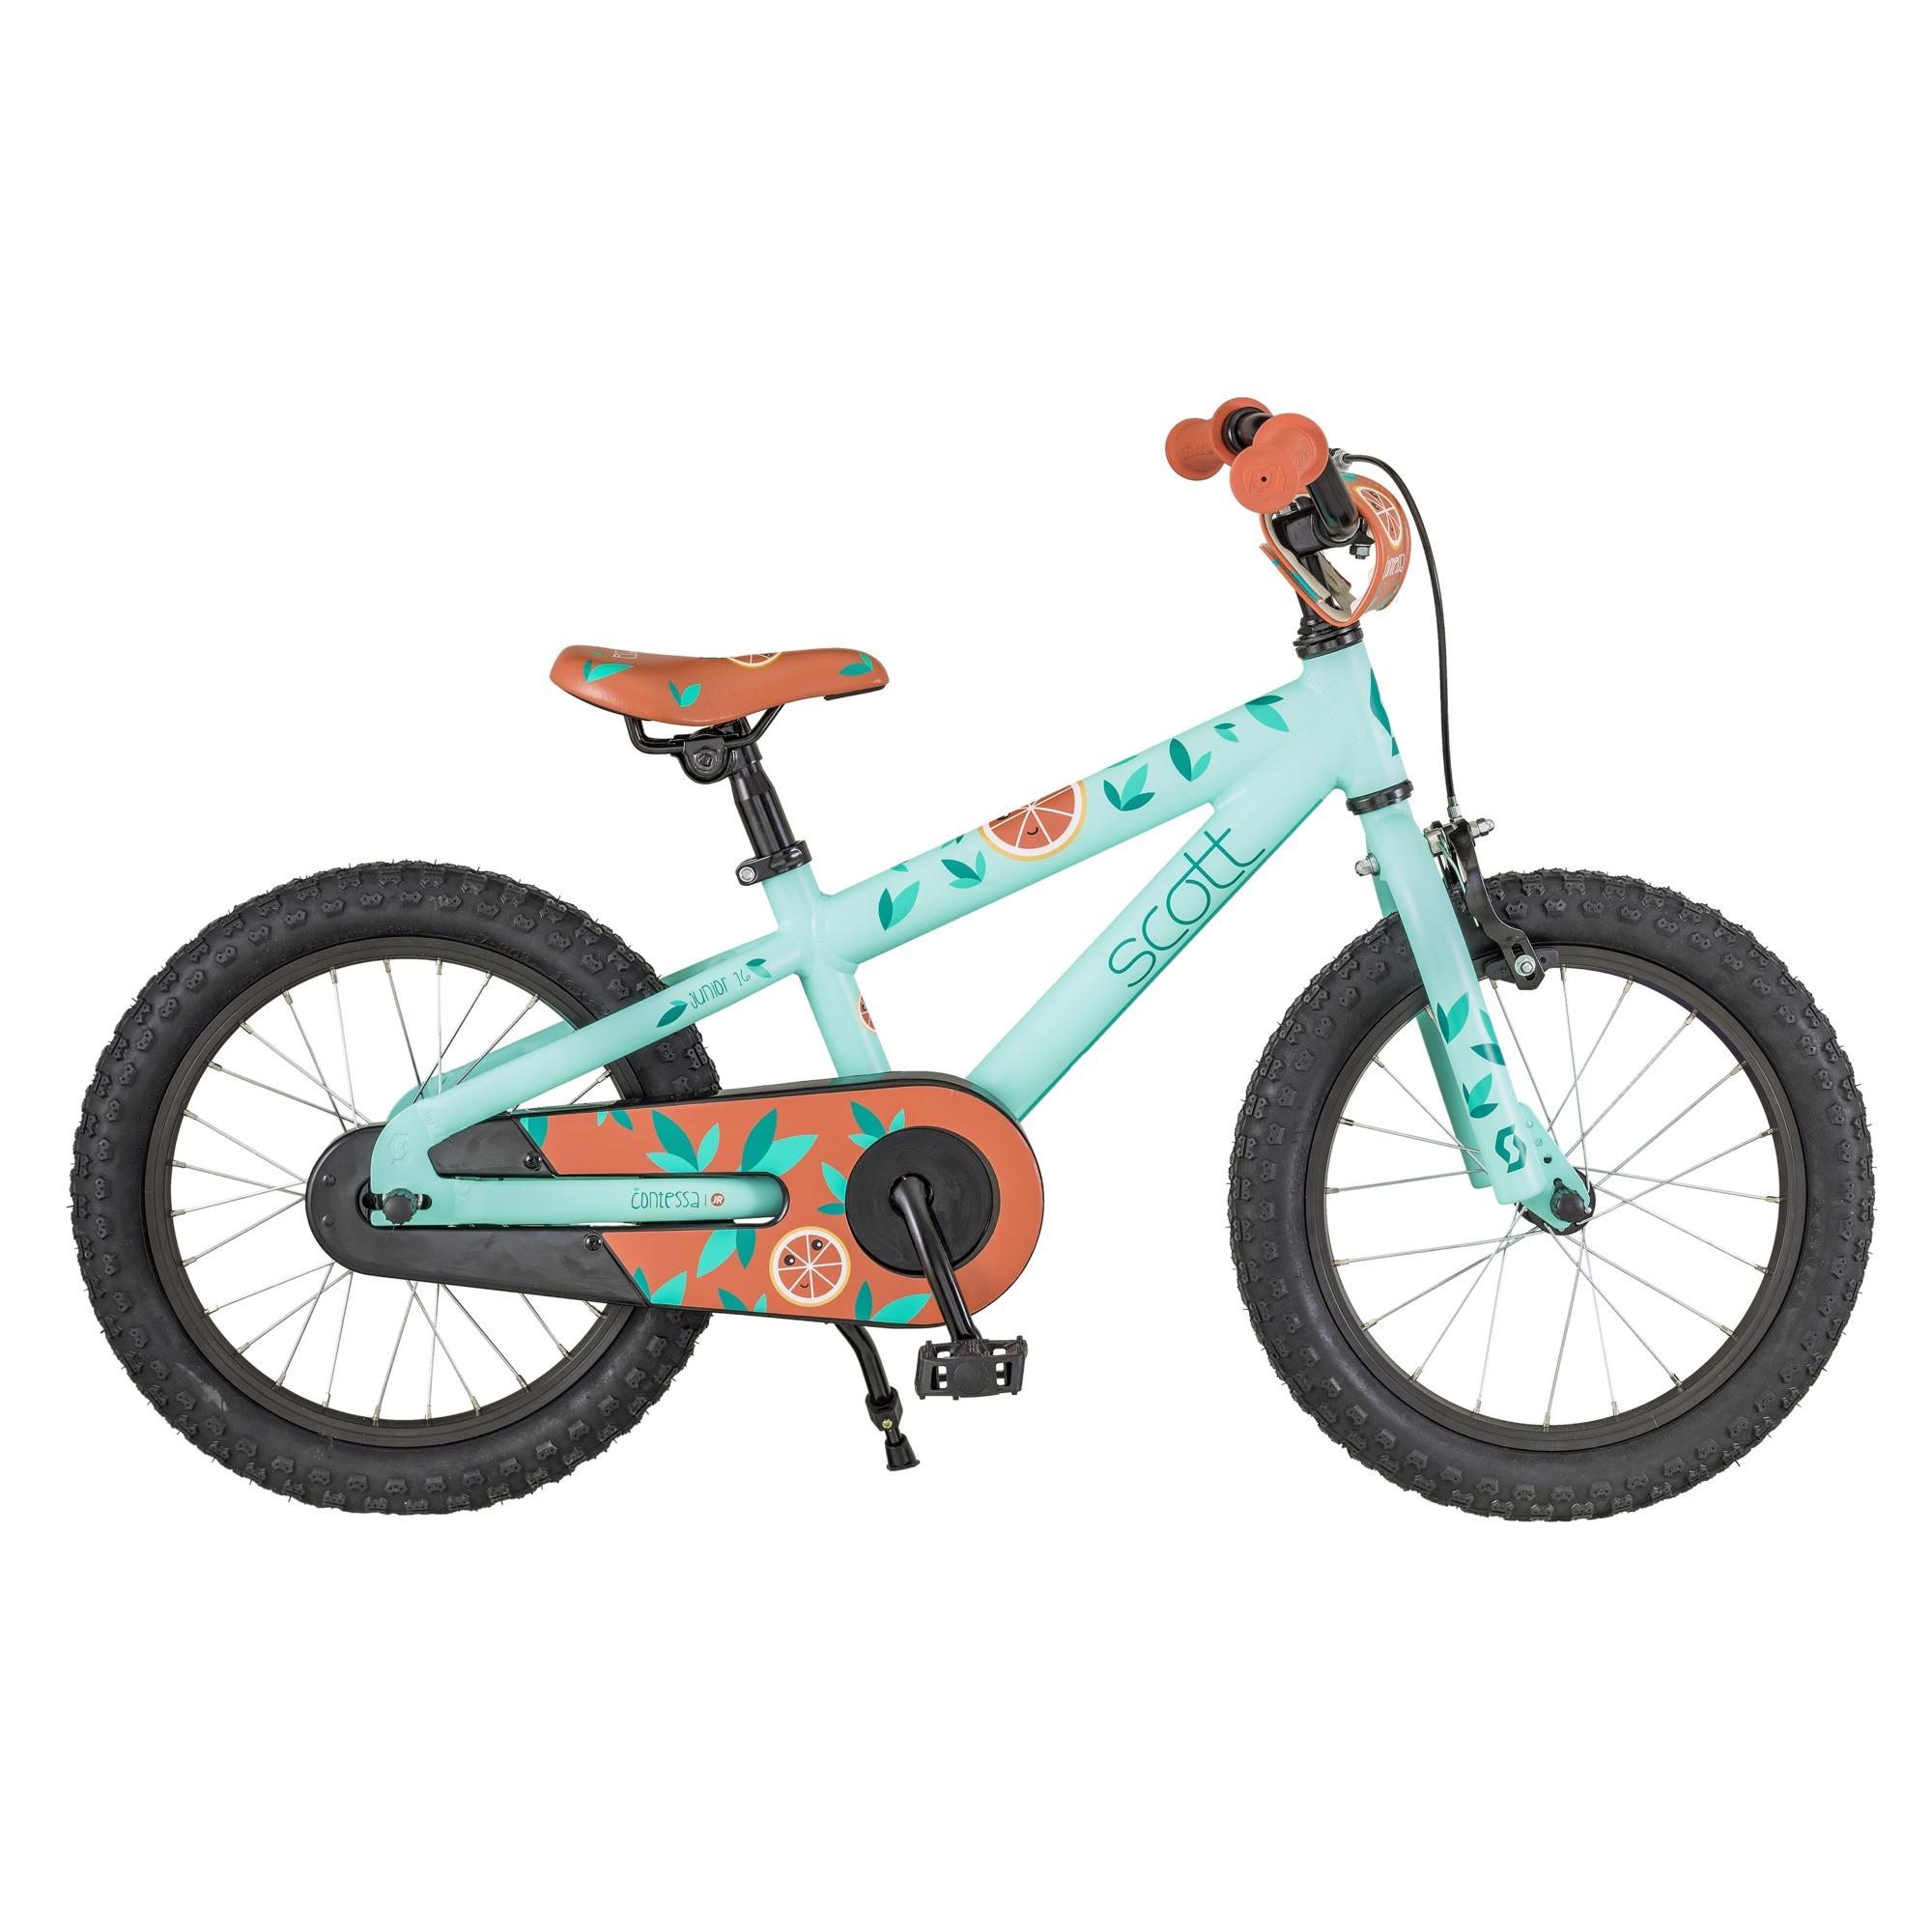 SCOTT Contessa JR 16 Bike 16